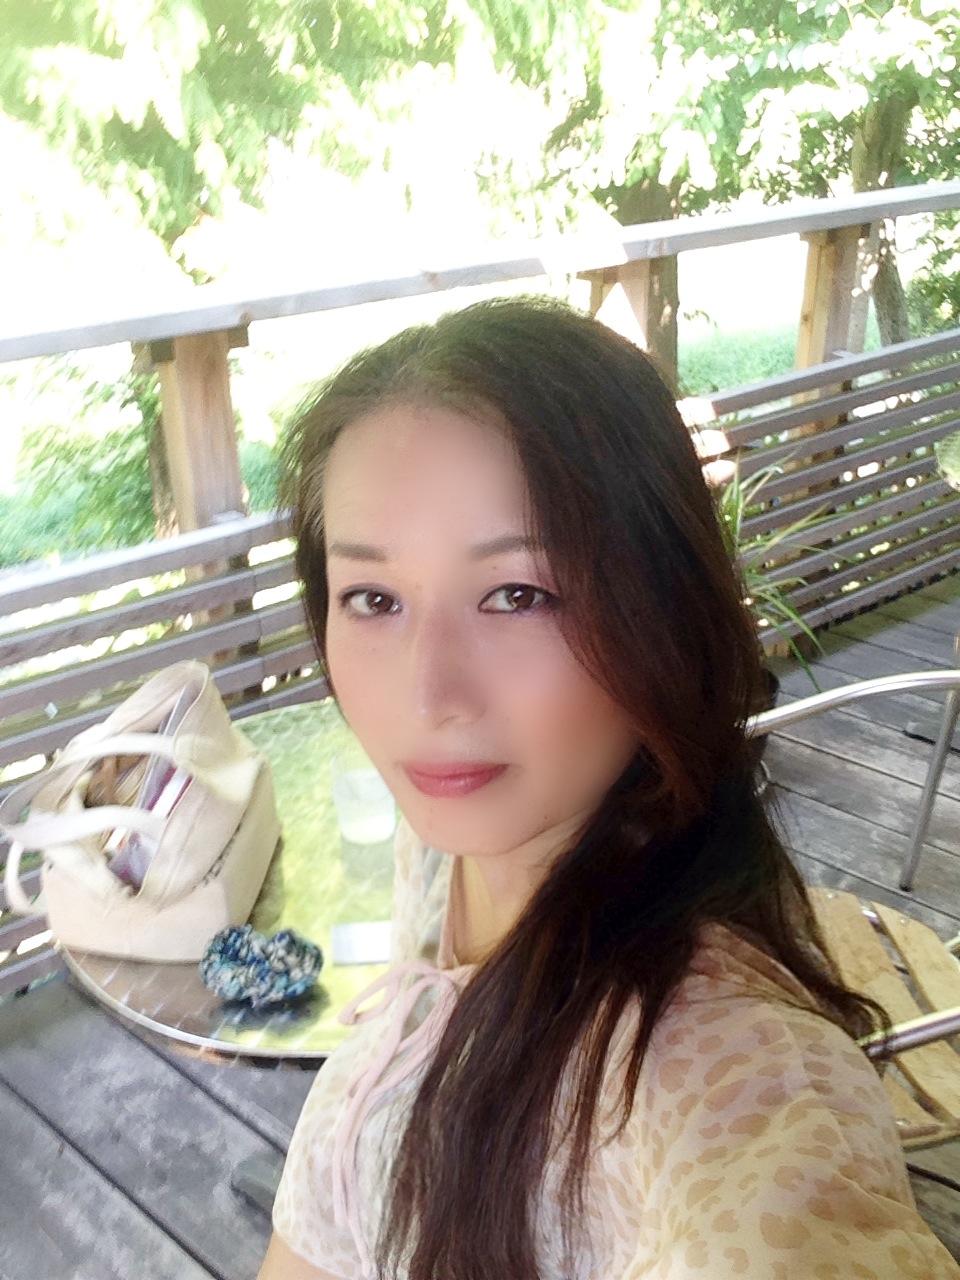 熟女NHヘルス孃マダム舞の袖振り合うも他生の縁|9月17日(水)黒髪にしてまた栃木県小山におります。